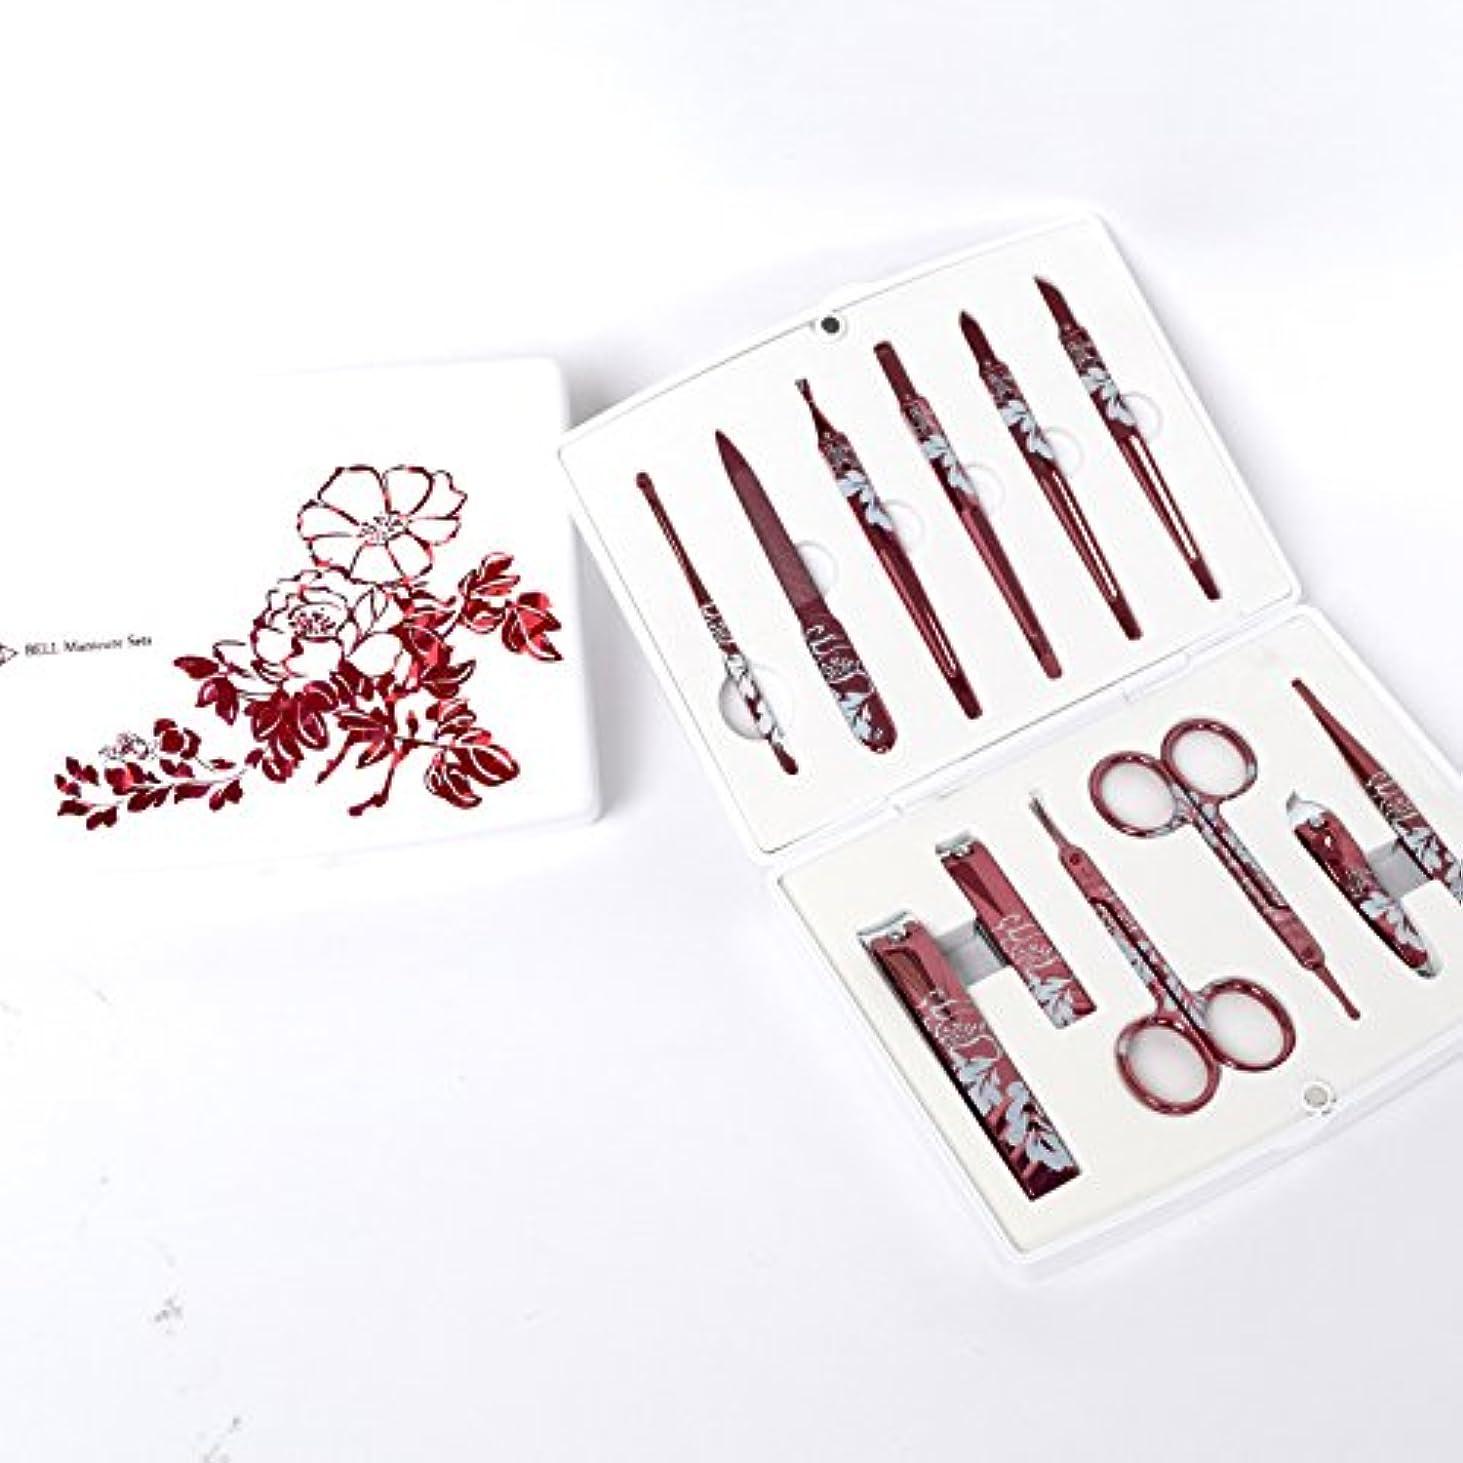 レタッチ浮く単なるBELL Manicure Sets BM-500A ポータブル爪の管理セット 爪切りセット 高品質のネイルケアセット高級感のある東洋画のデザイン Portable Nail Clippers Nail Care Set